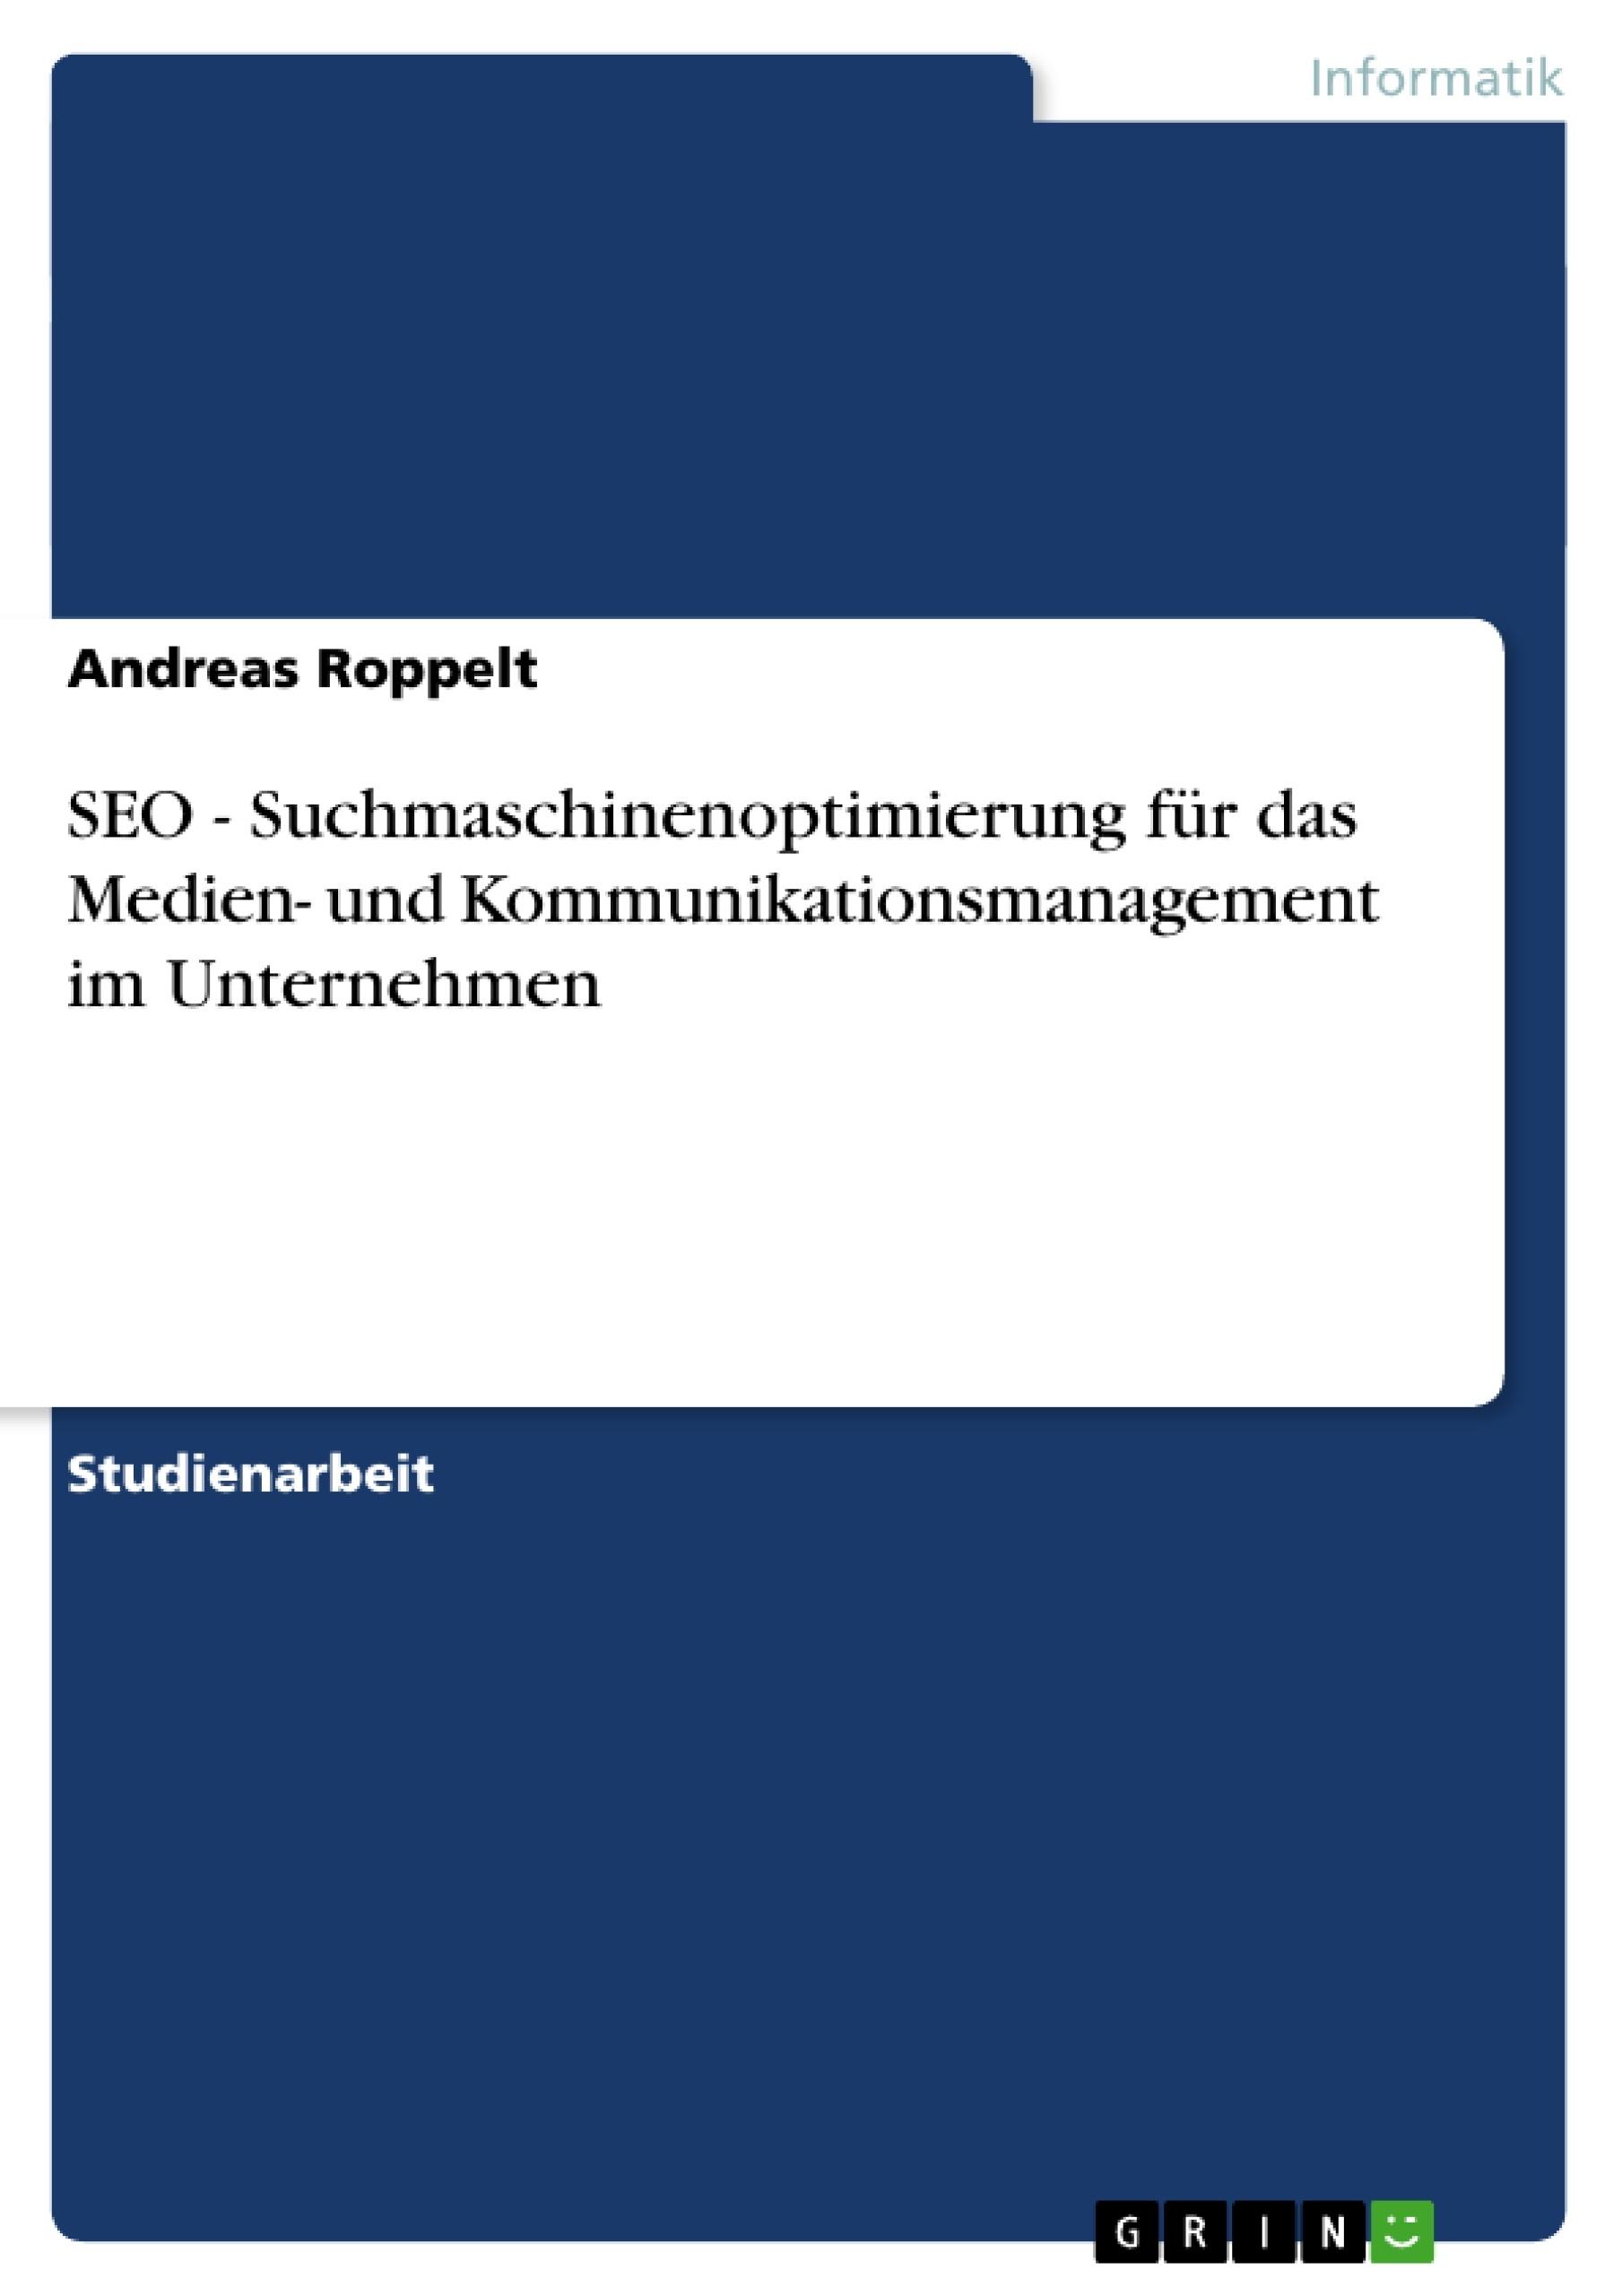 Titel: SEO - Suchmaschinenoptimierung für das Medien- und Kommunikationsmanagement im Unternehmen